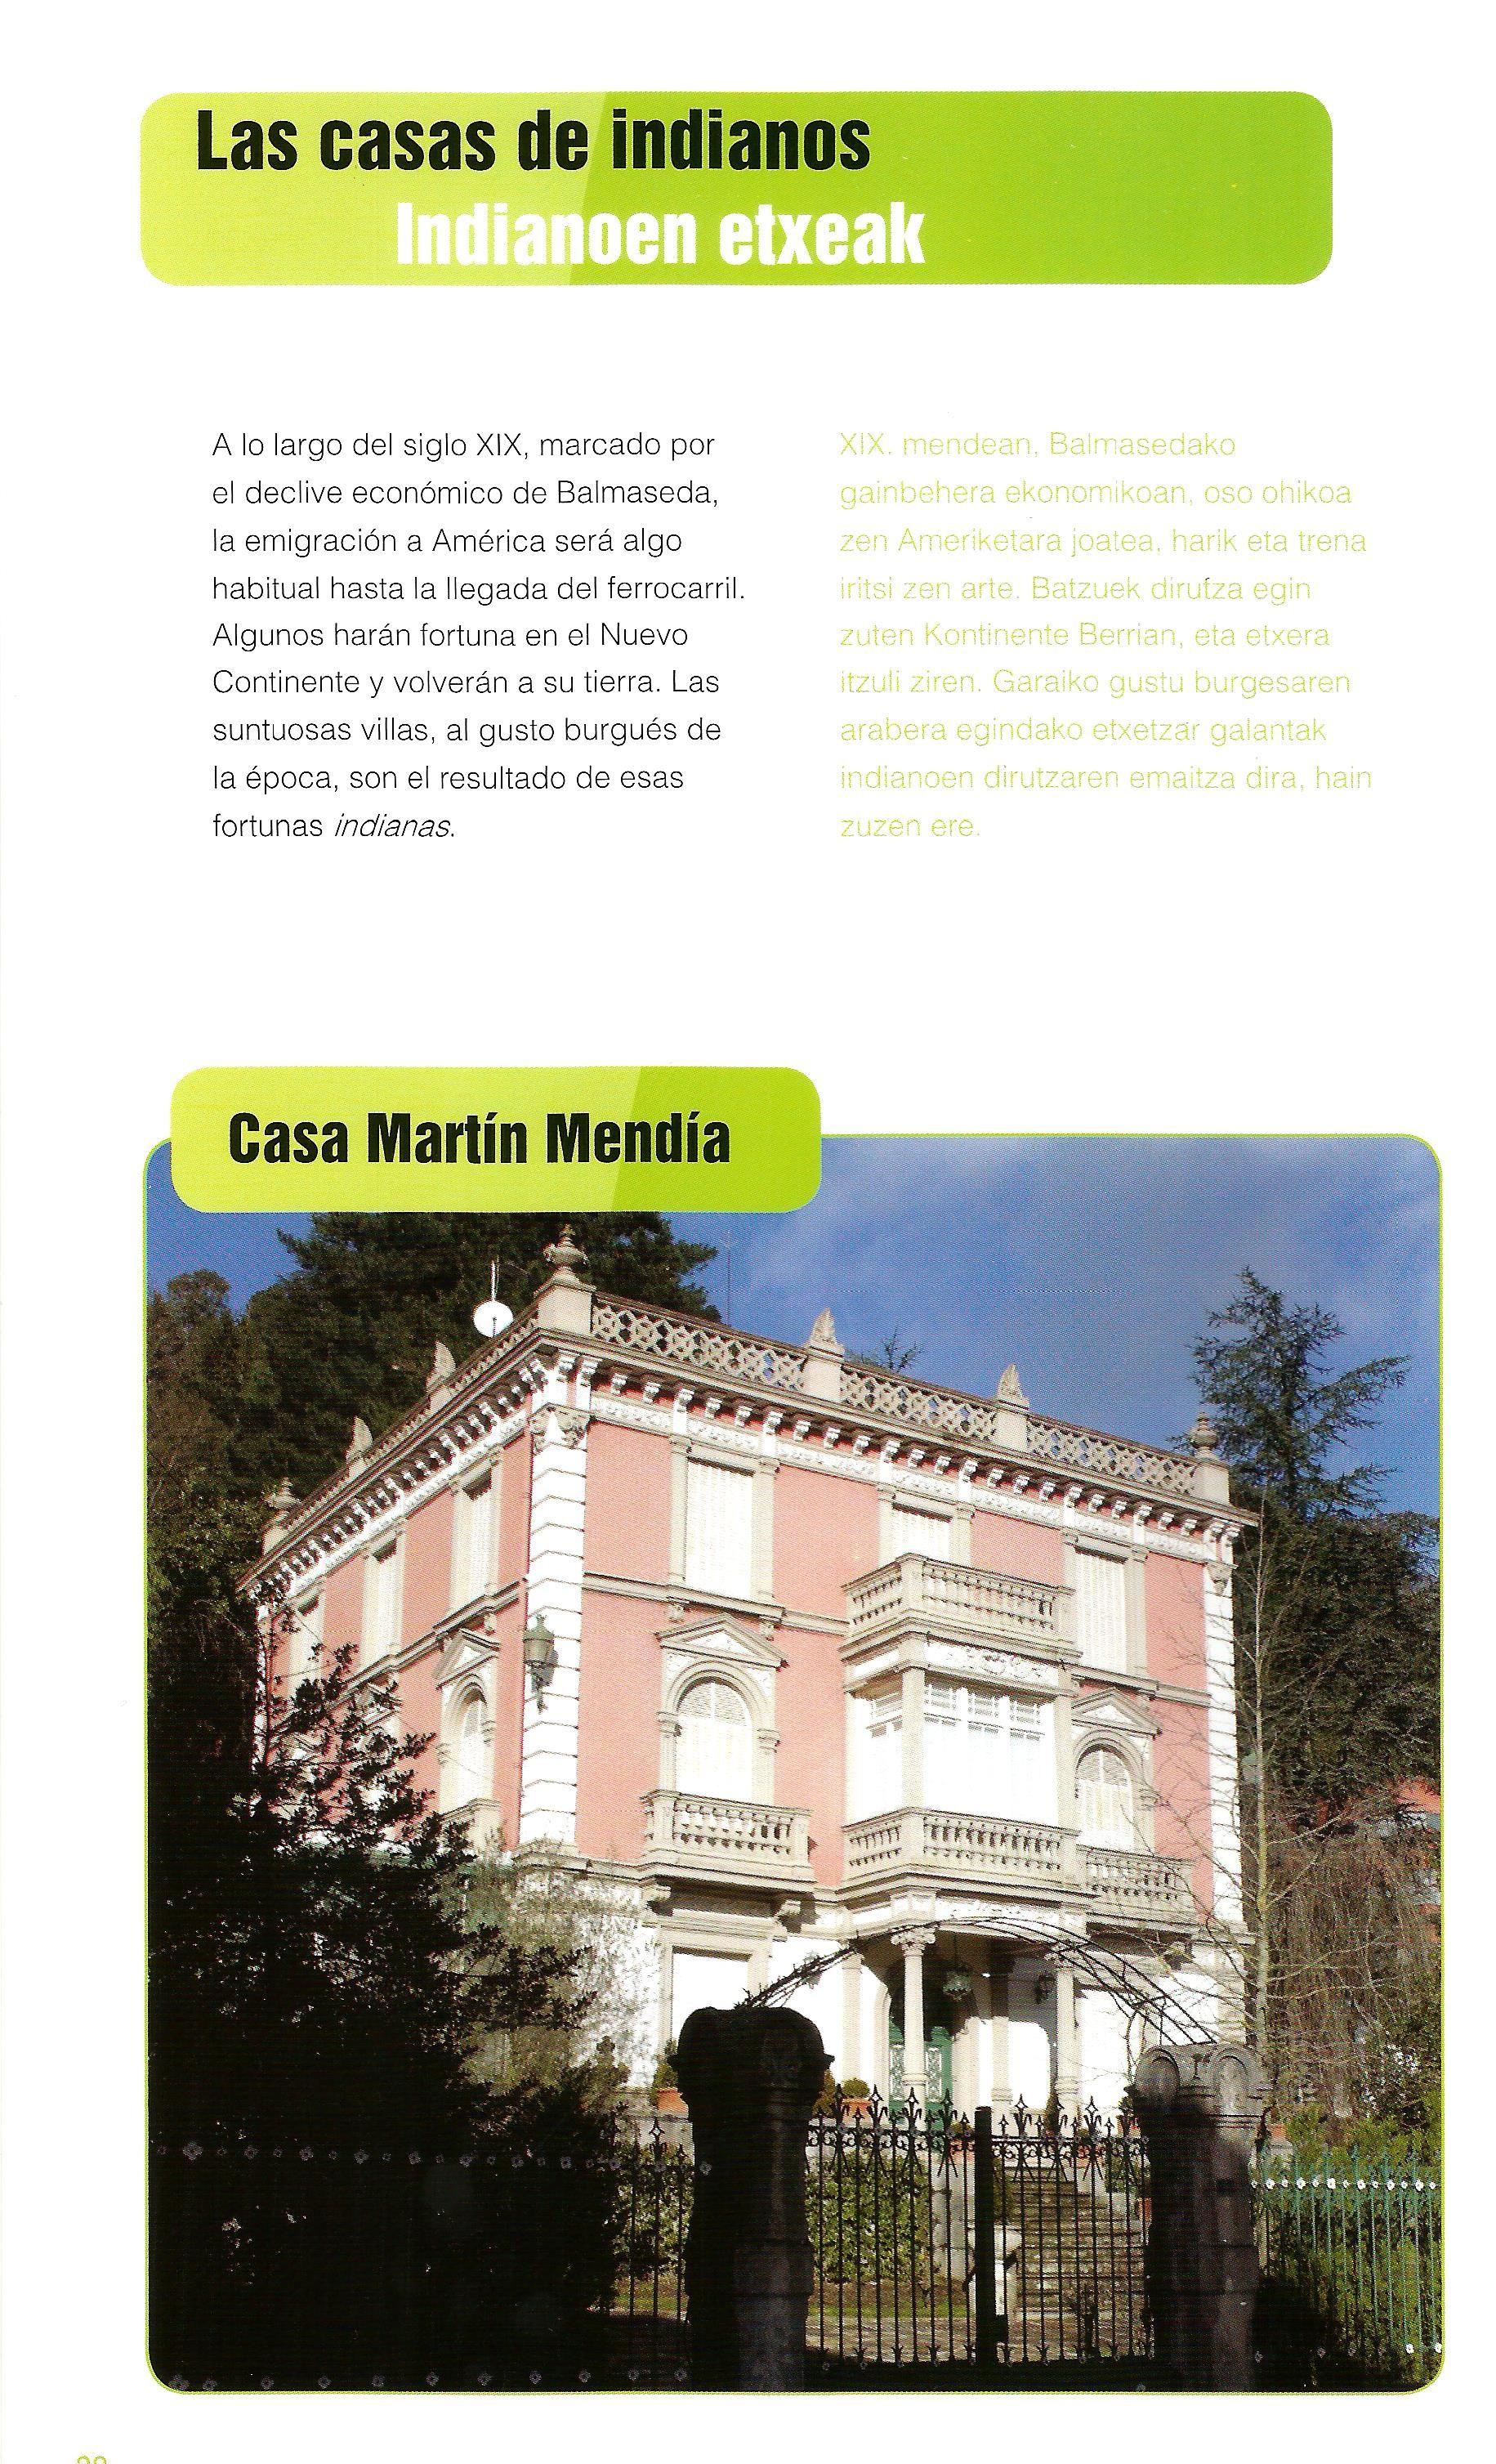 Las casas de indianos. Balmaseda Casa Martín Mendia A lo